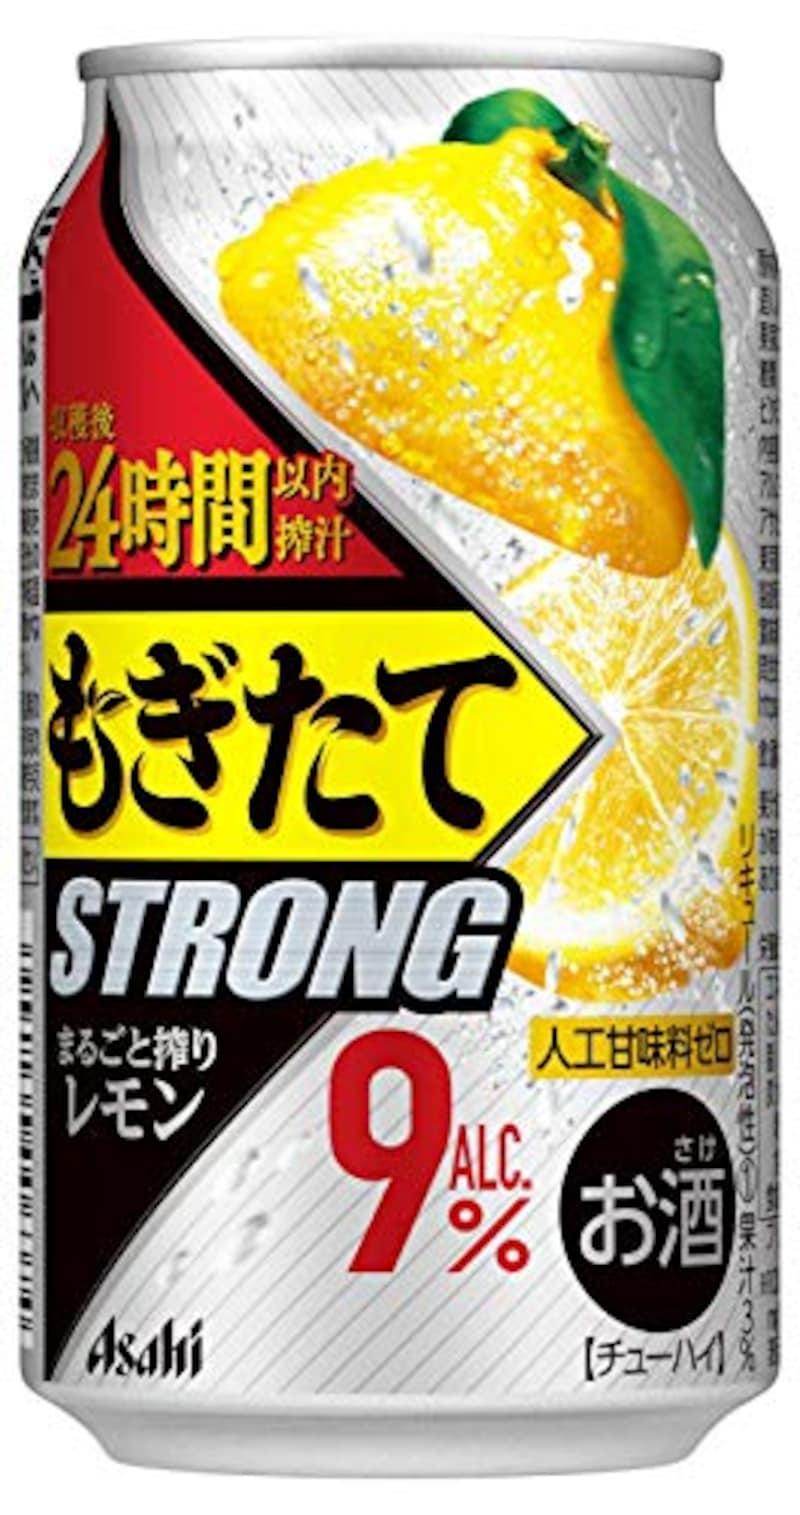 アサヒ飲料,もぎたてSTRONG まるごと搾りレモン